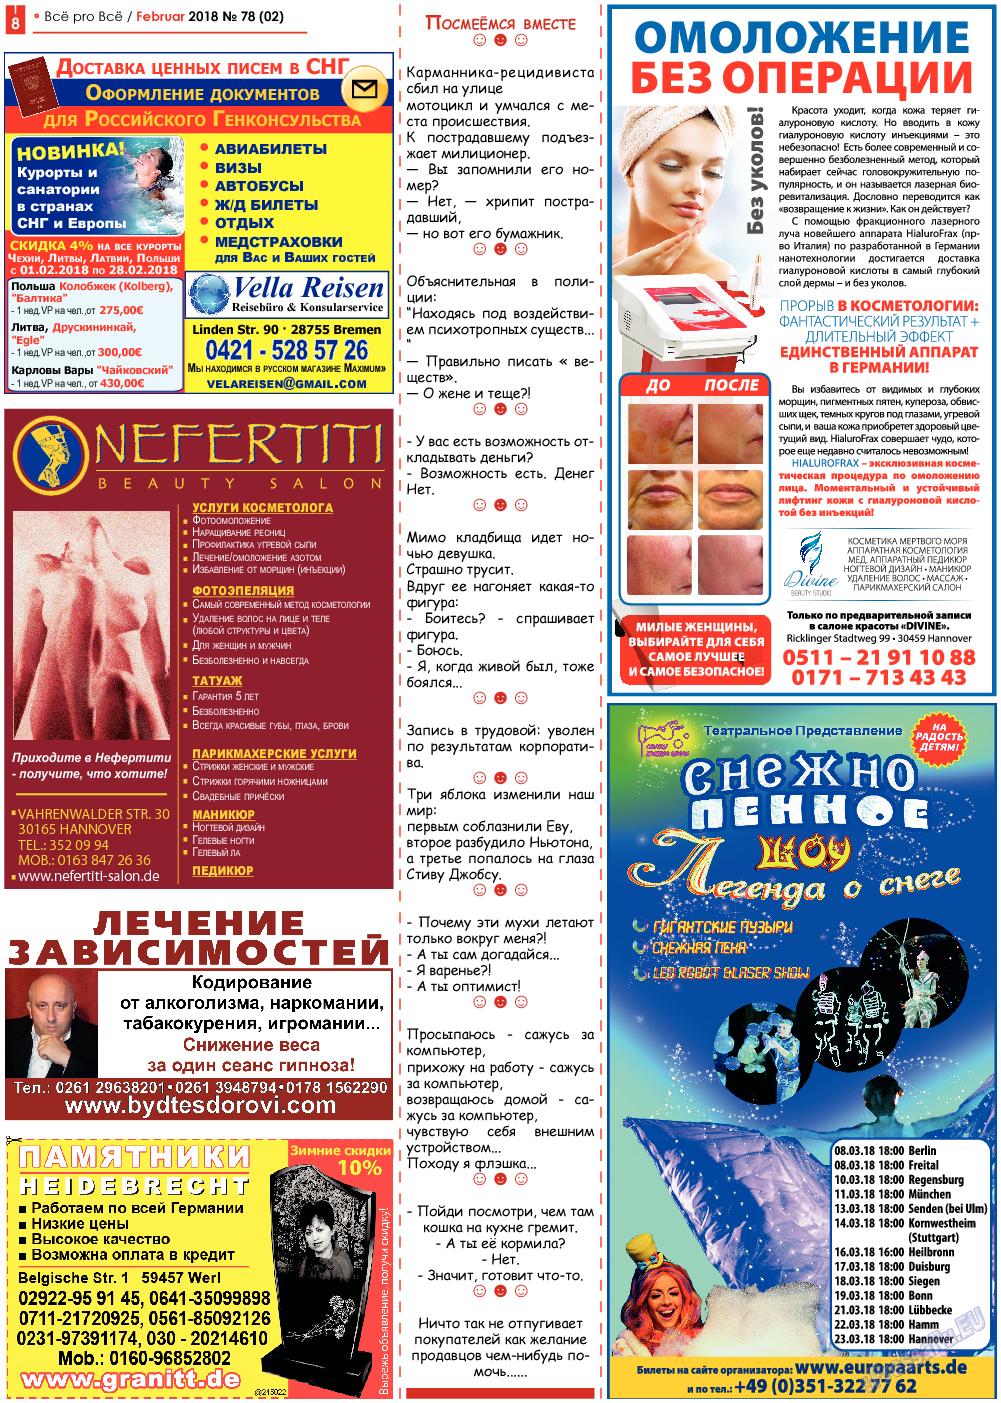 Реклама сайт бесплатно на других сайтах реклама отдельных видов товаров, биологических добавок